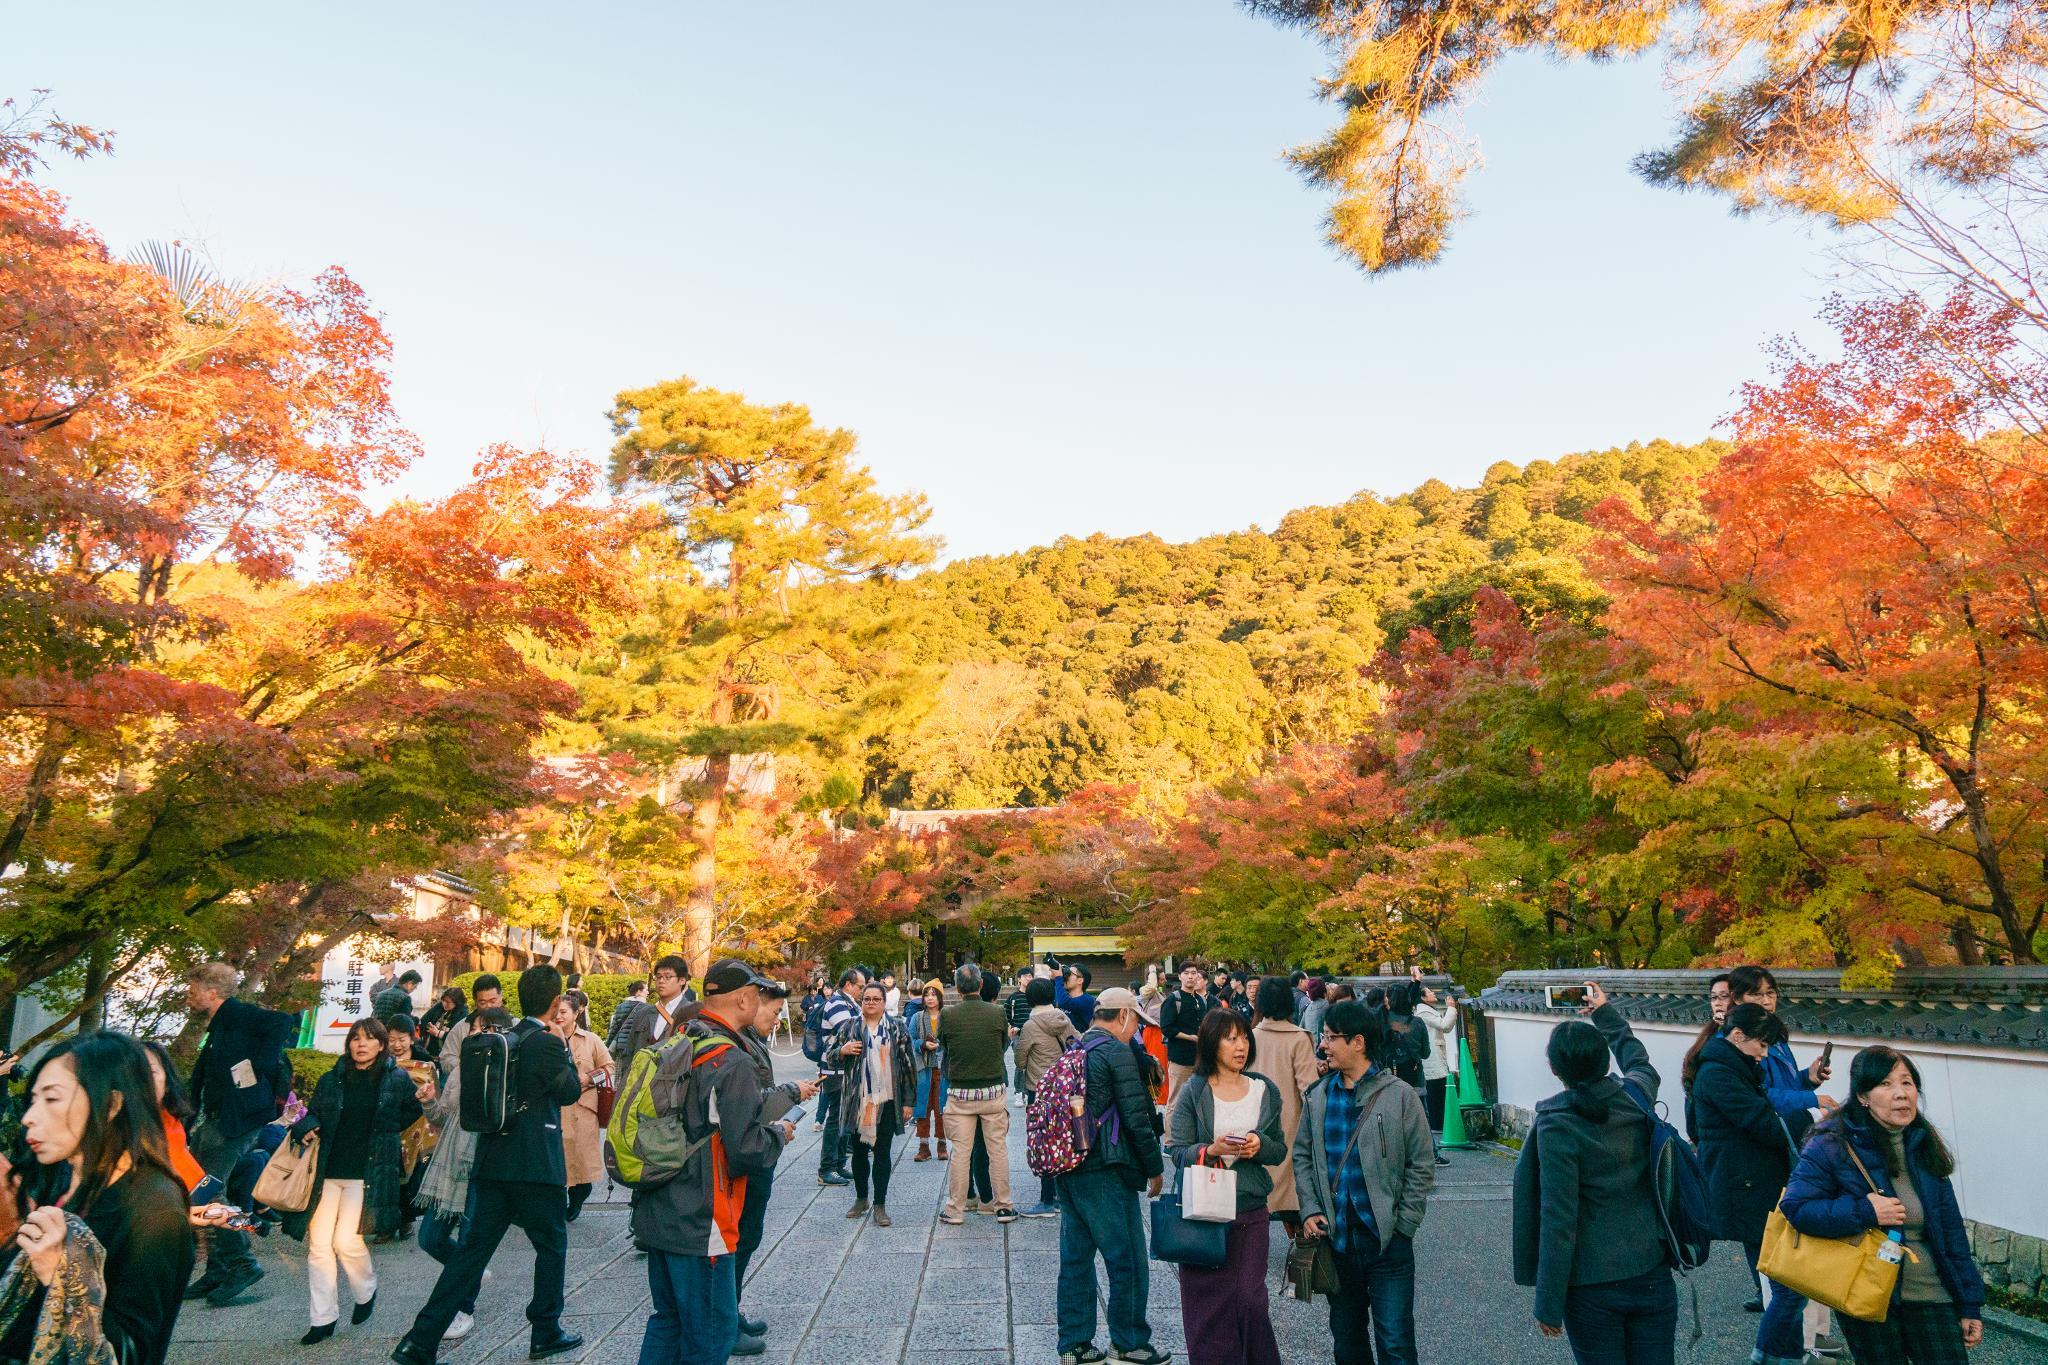 【京都】此生必來的紅葉狩絕景 - 永觀堂夜楓 100